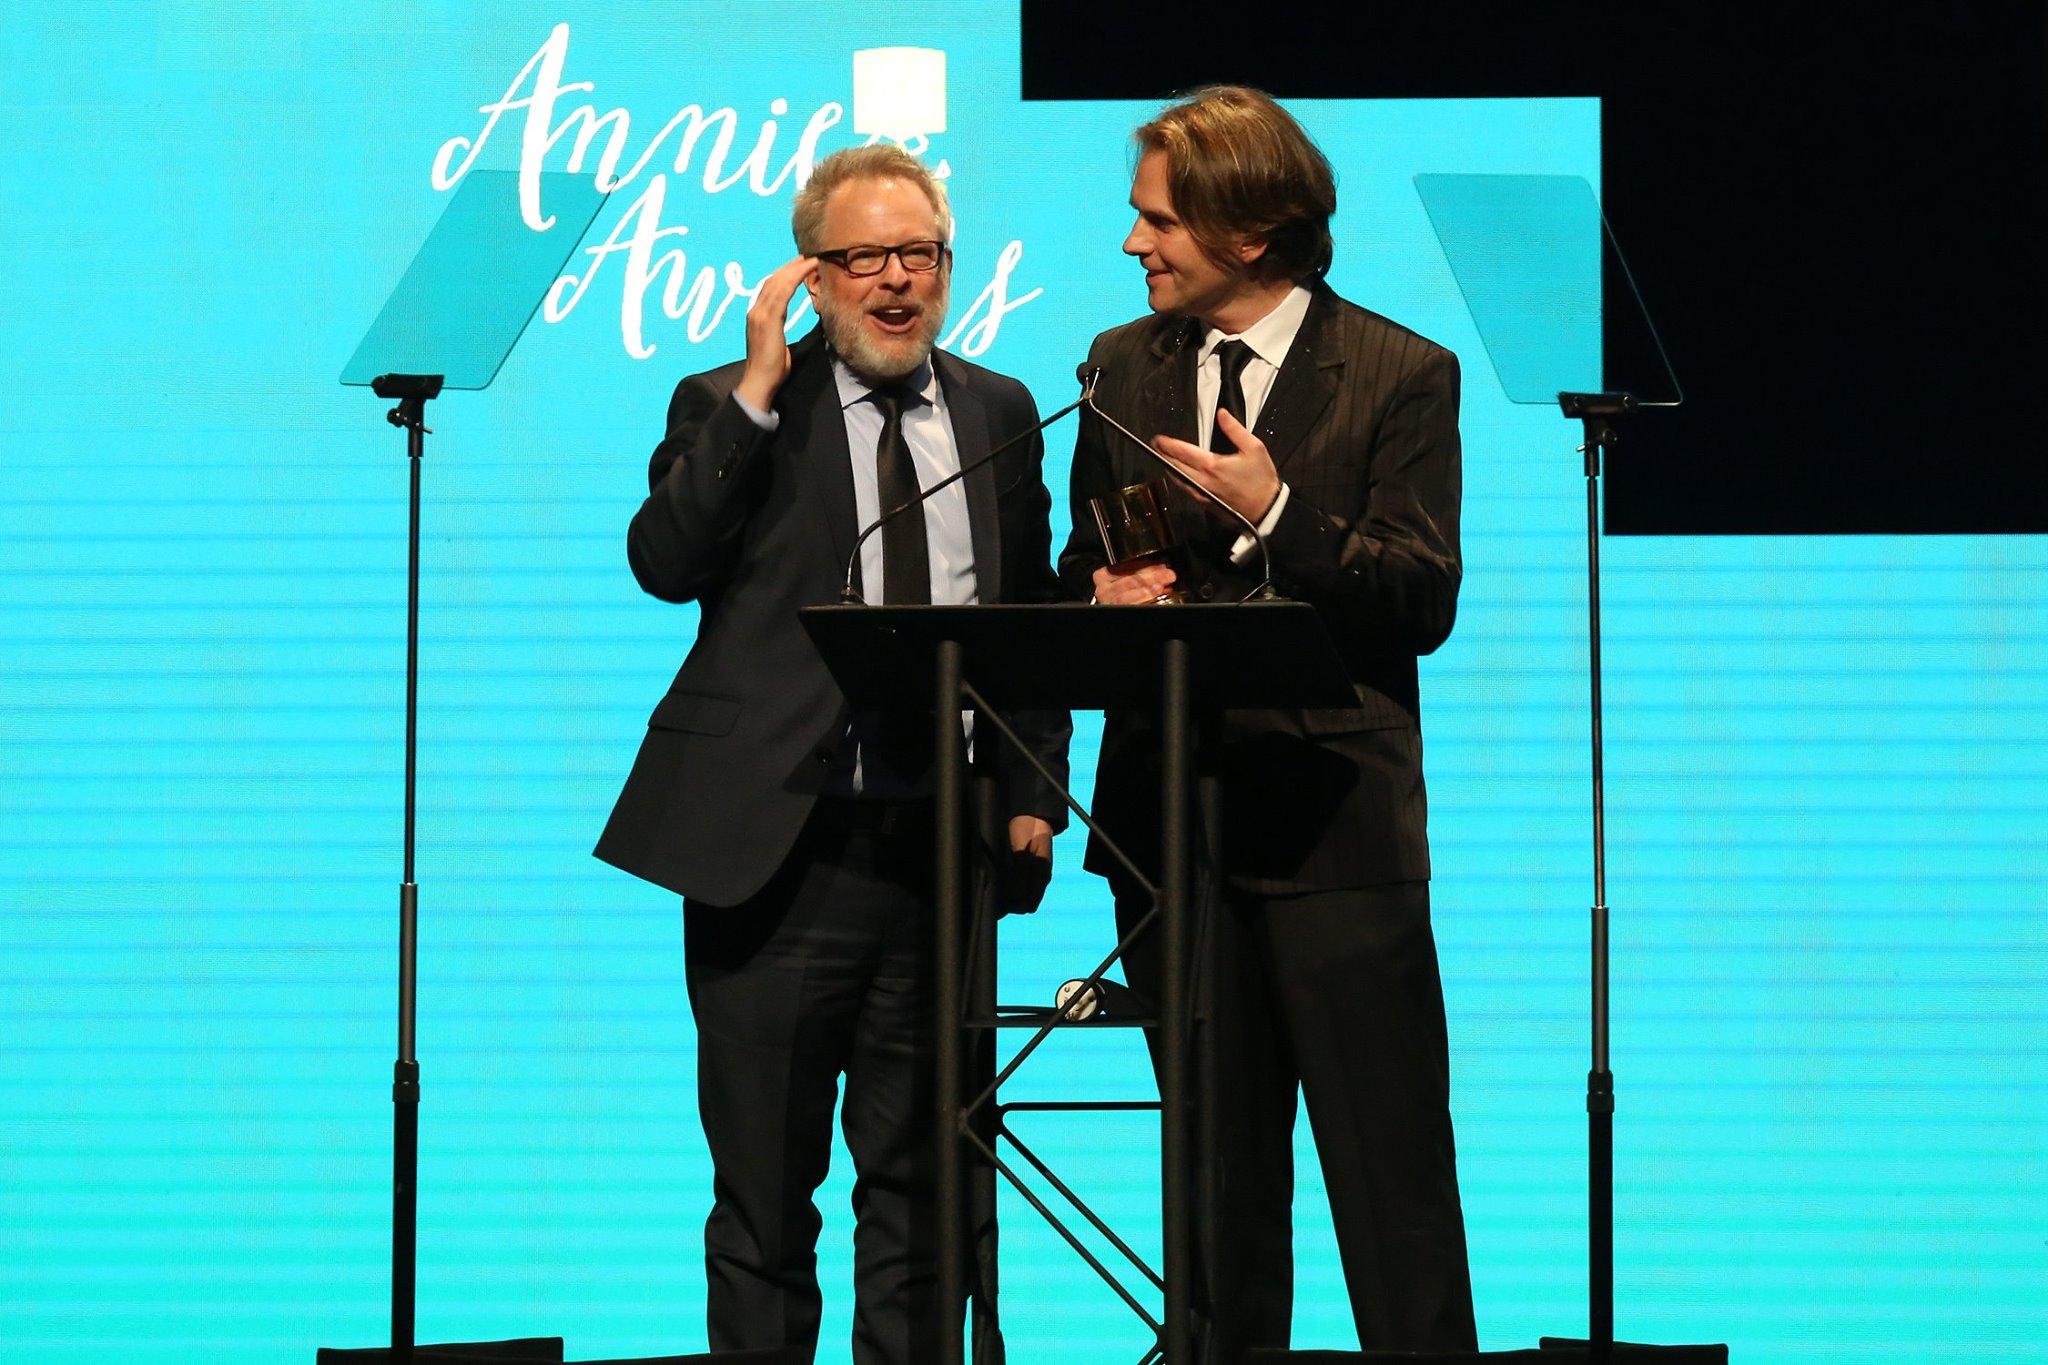 安妮奖公布颁奖结果 《疯狂动物城》获6项大奖